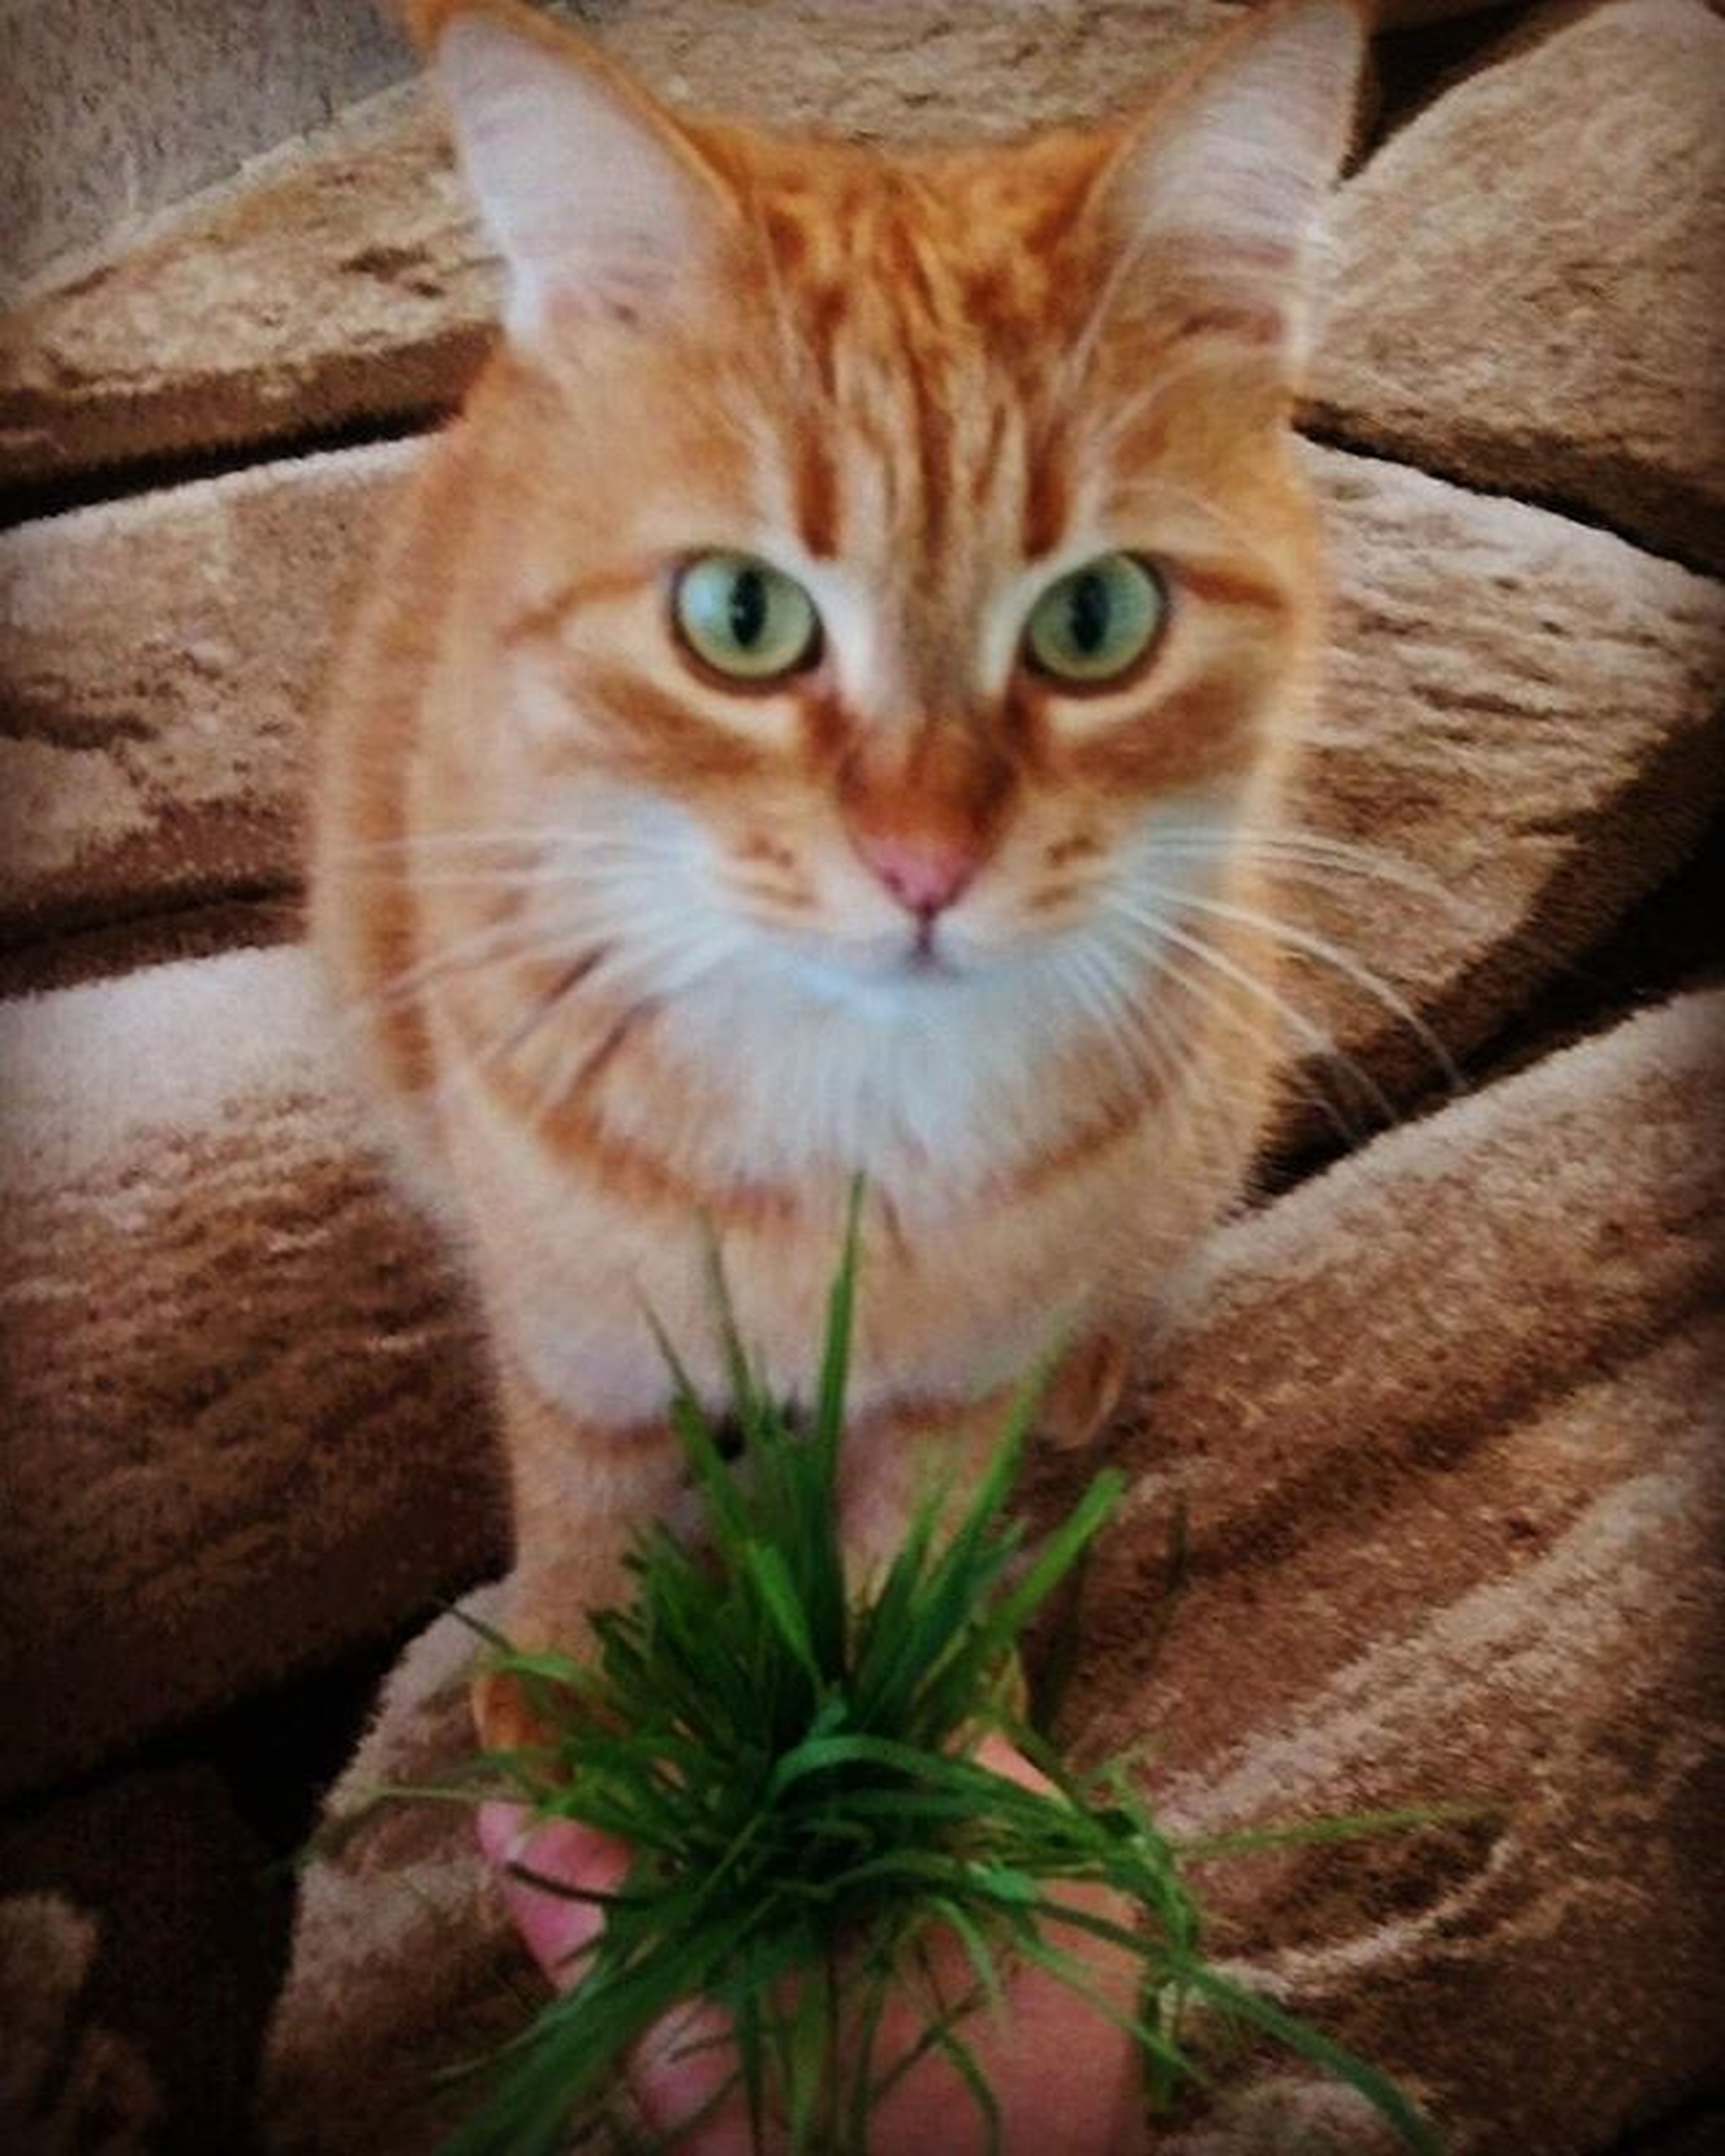 Bana öyle bakma anlayacaklar. SeniSeviyorum Sapsik Kedi Justloveyou Cat Mylove